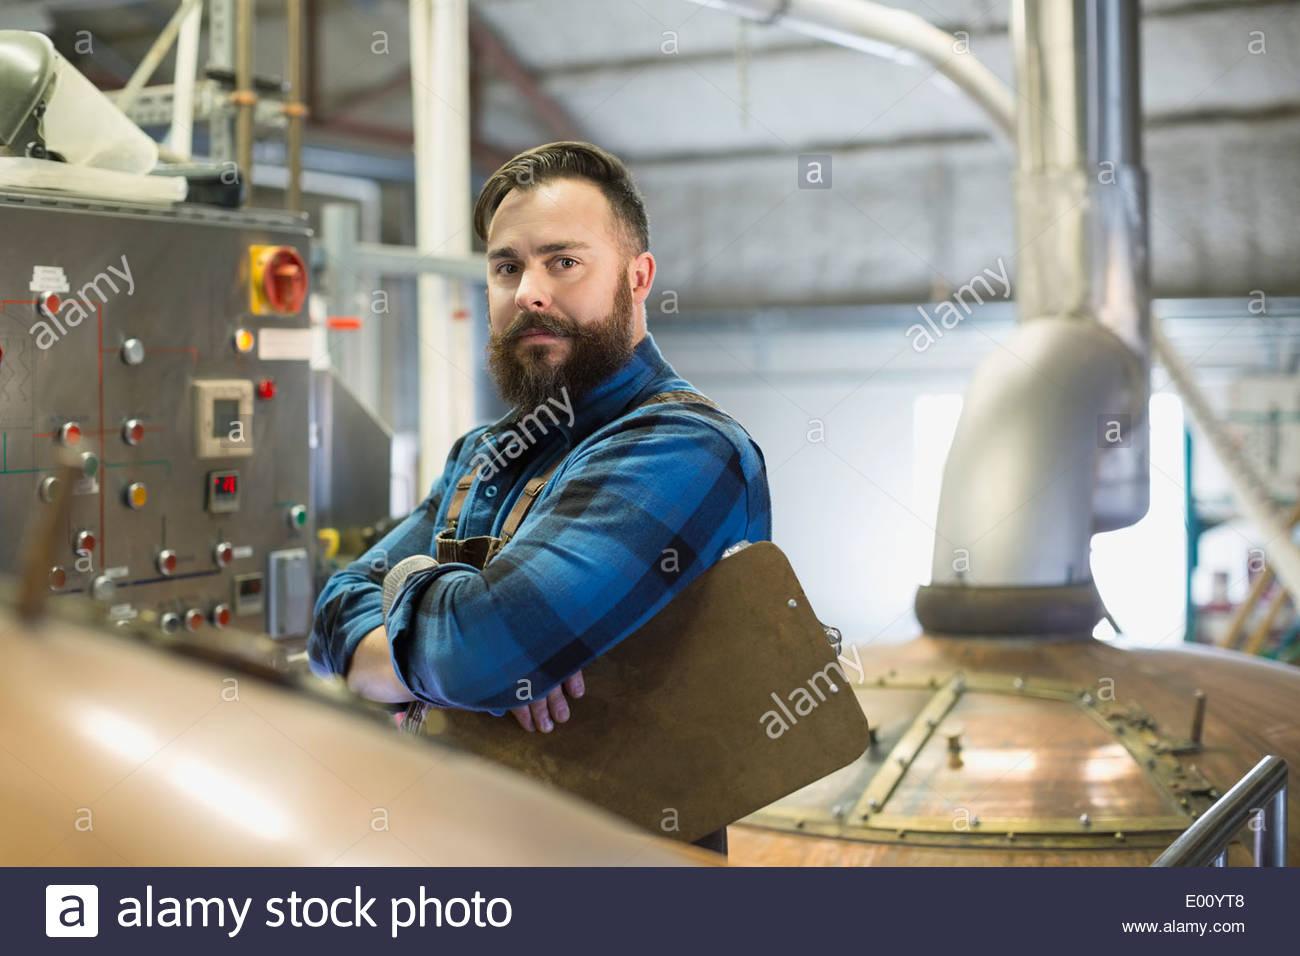 Porträt von Ernst Brauerei Arbeiter am Bedienfeld Stockbild